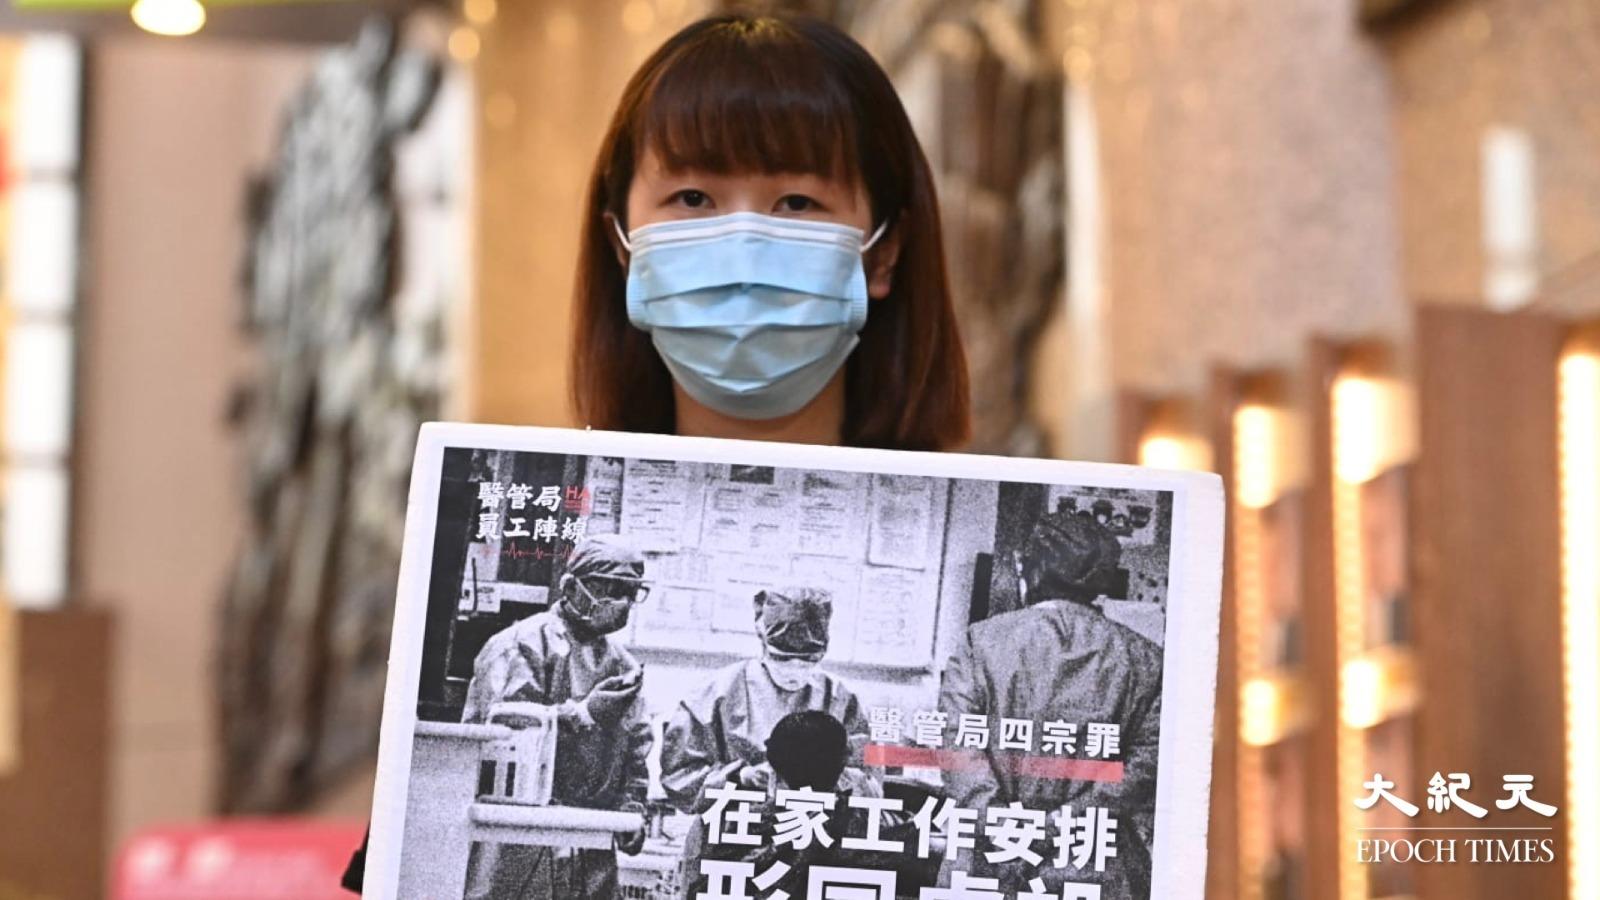 醫管局員工陣線到醫管局大樓表示抗議,促當局公開交代防疫不當「四宗罪」。(宋碧龍/大紀元)